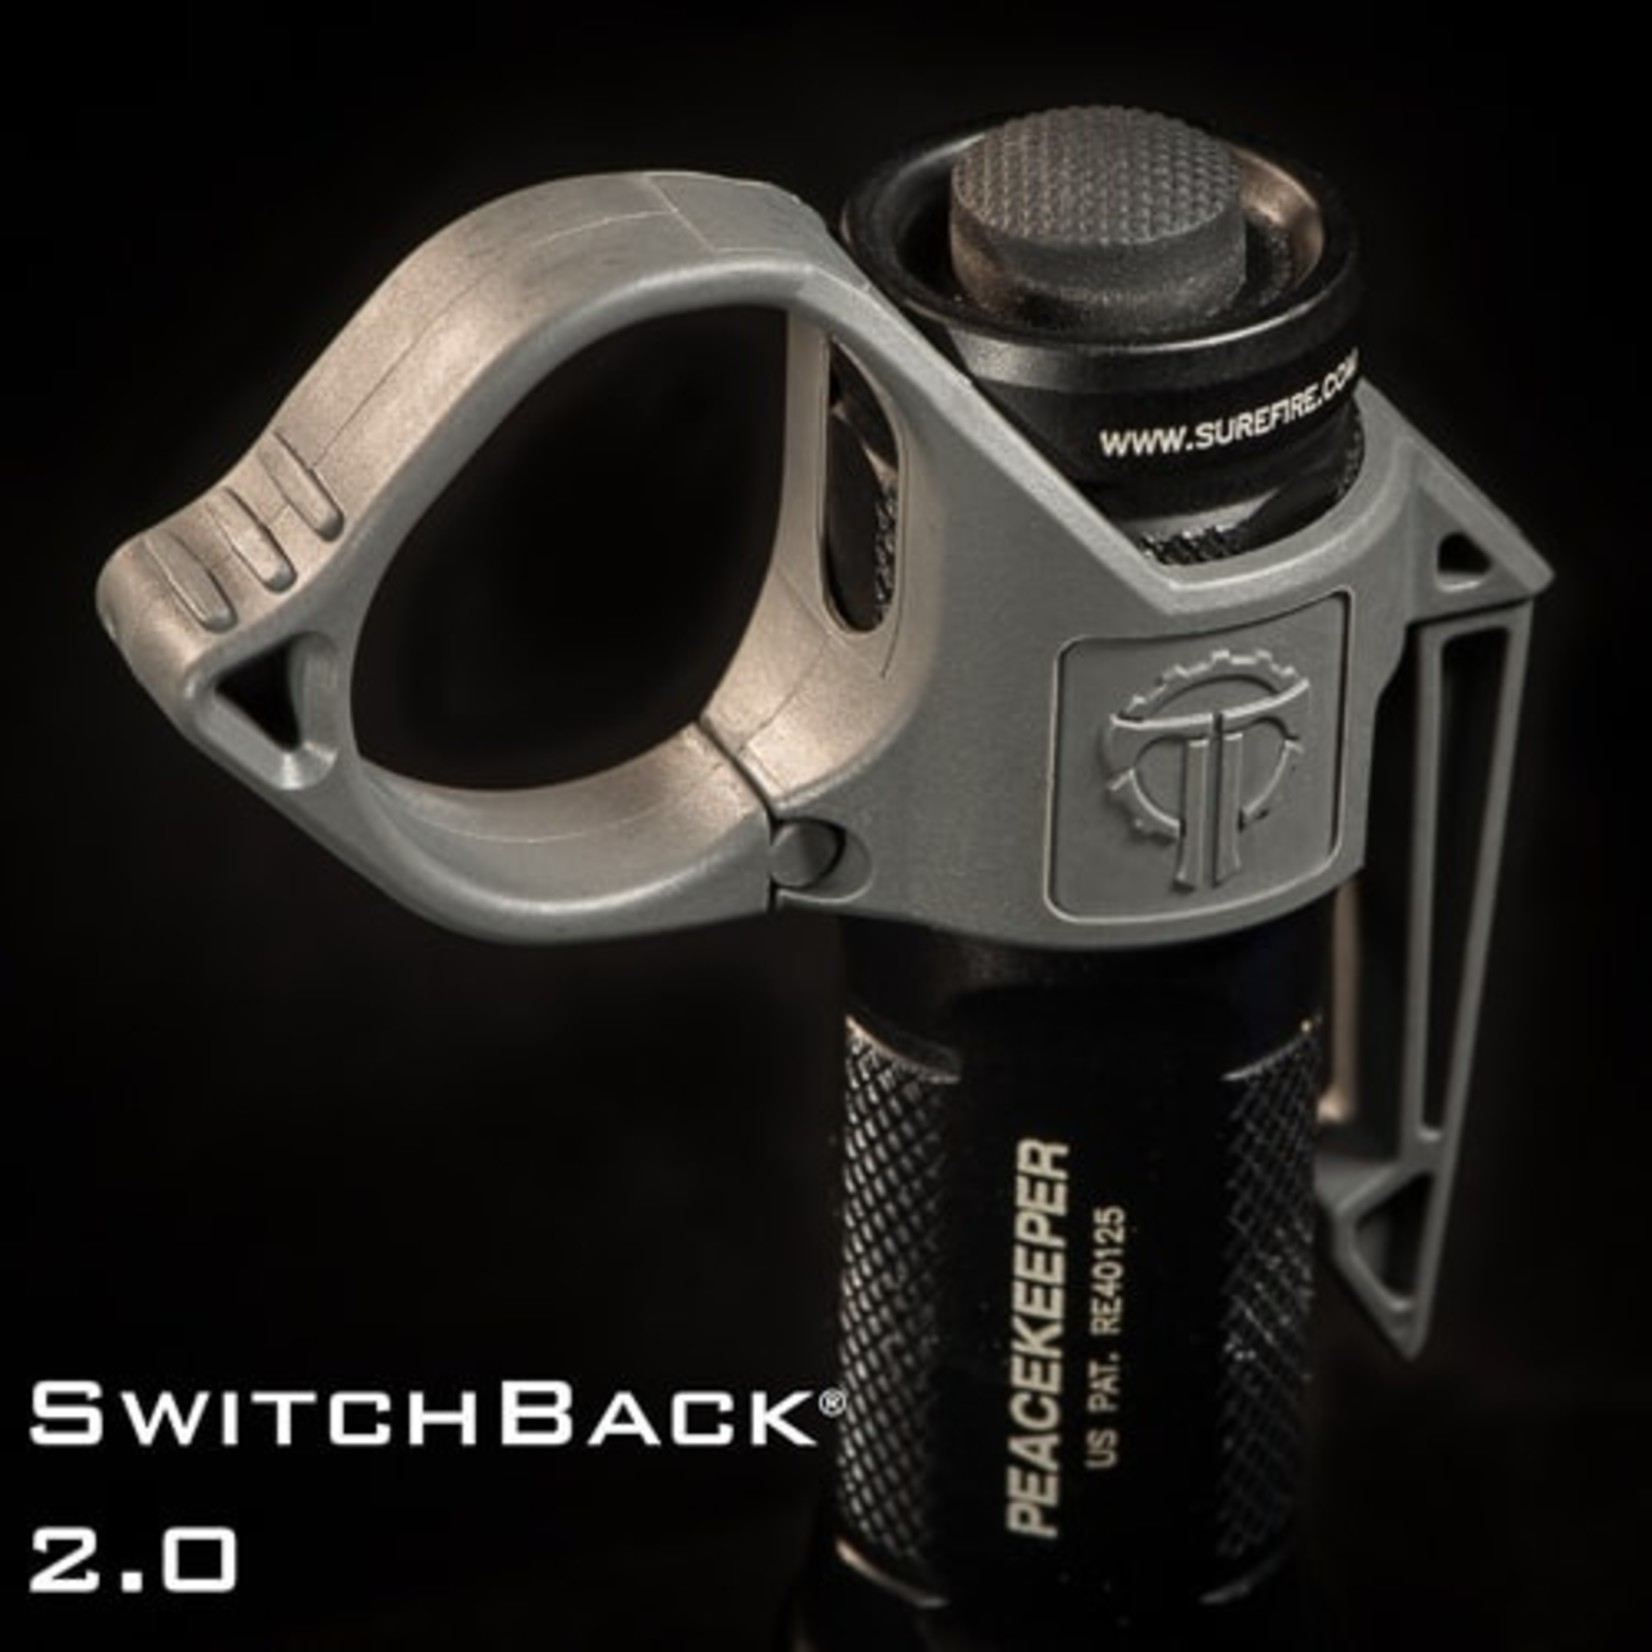 THYRM SWITCHBACK 2.0 LARGE FLASHLIGHT RING